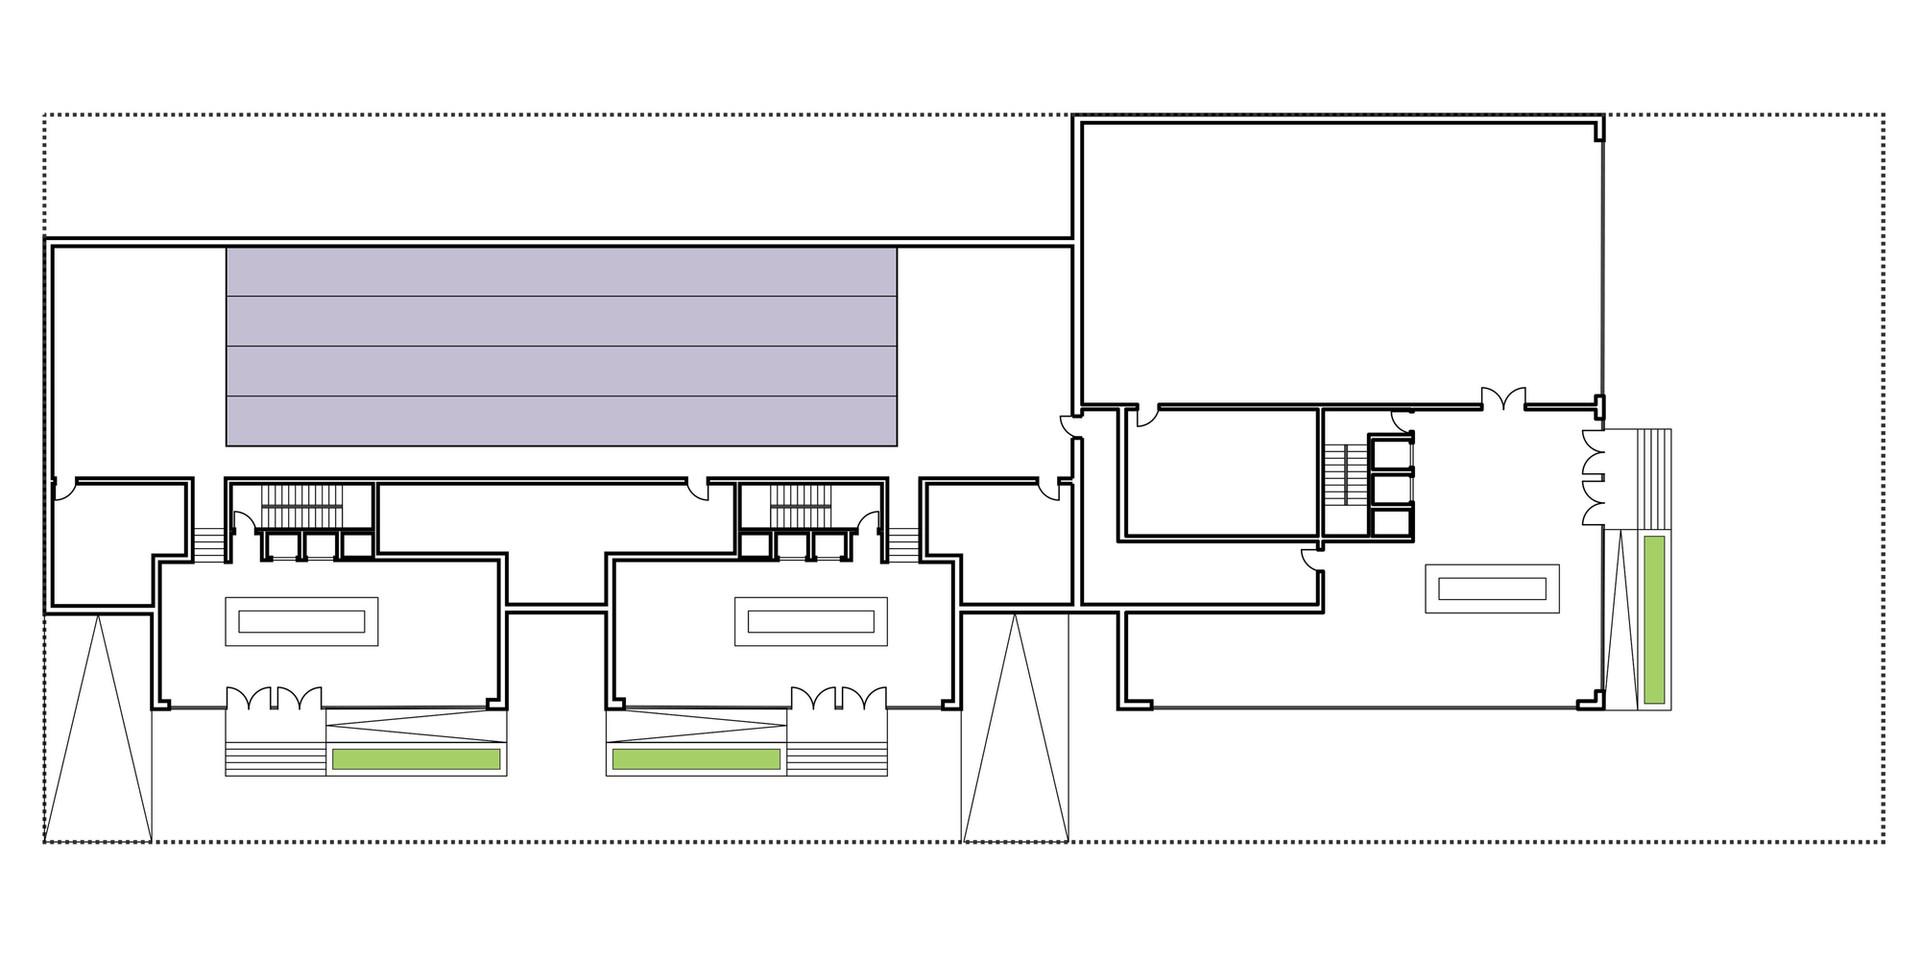 Lima Golf Tower Ground Floor Plan